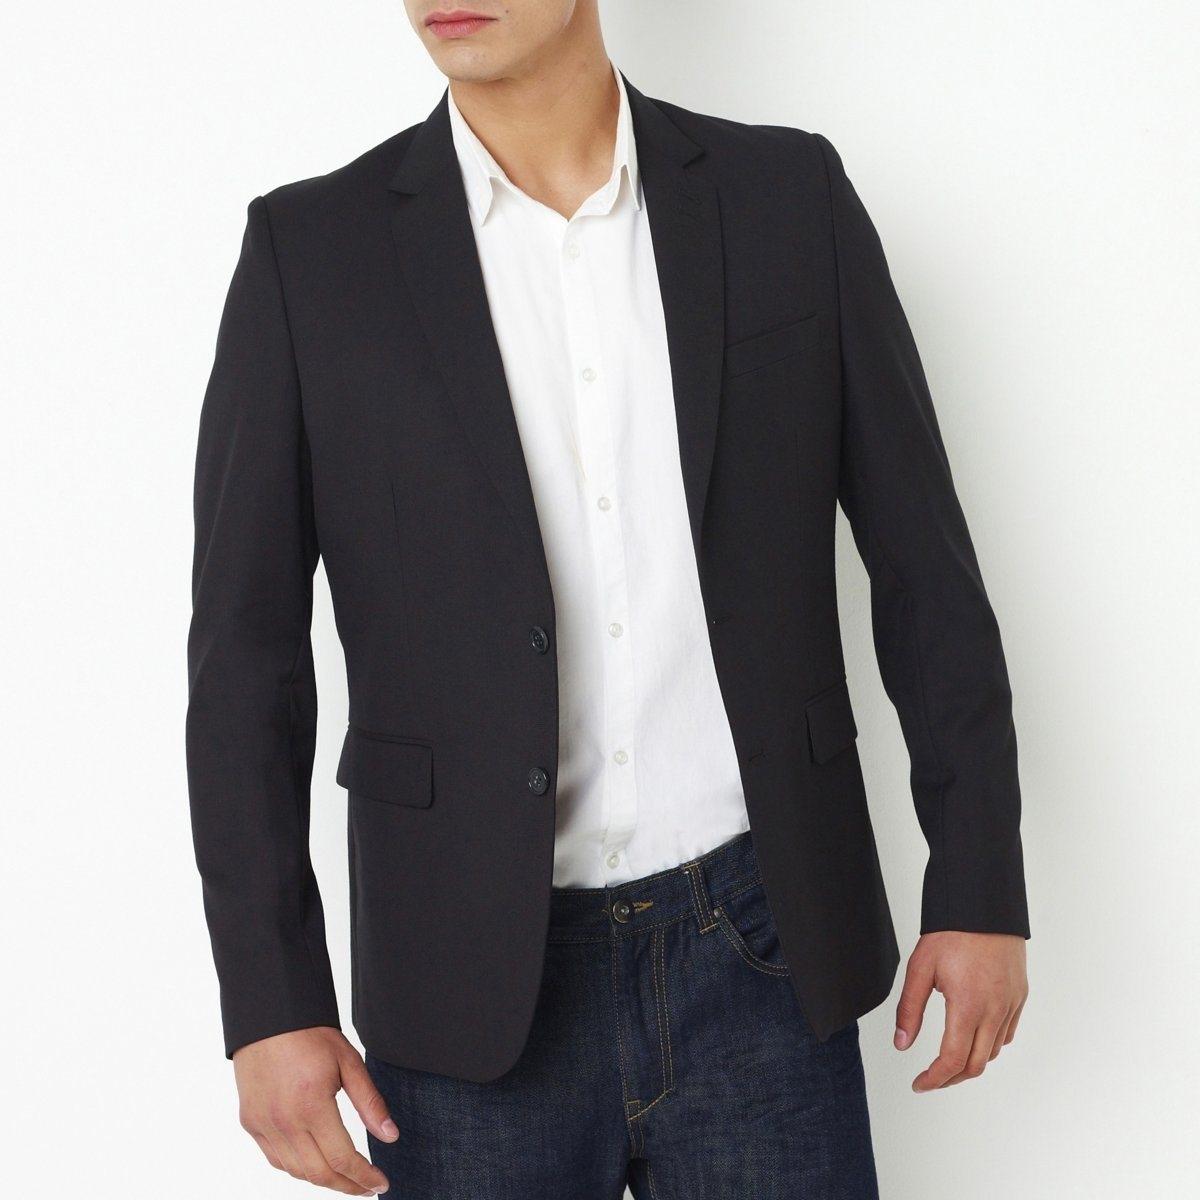 Пиджак костюмныйКостюмный пиджак. 70 % полиэстера, 30 % вискозы. Прямой покрой. Застежка на 2 пуговицы. 2 обшитые пуговичные петли на отвороте воротника. Тонкие подплечники. 2 вытачки спереди.   2 кармана с клапаном + 1 нагрудный карман. 2 внутренних кармана. Шлица сзади по центру. На подкладке. Дл. 77 см.<br><br>Цвет: темно-синий,черный<br>Размер: 42